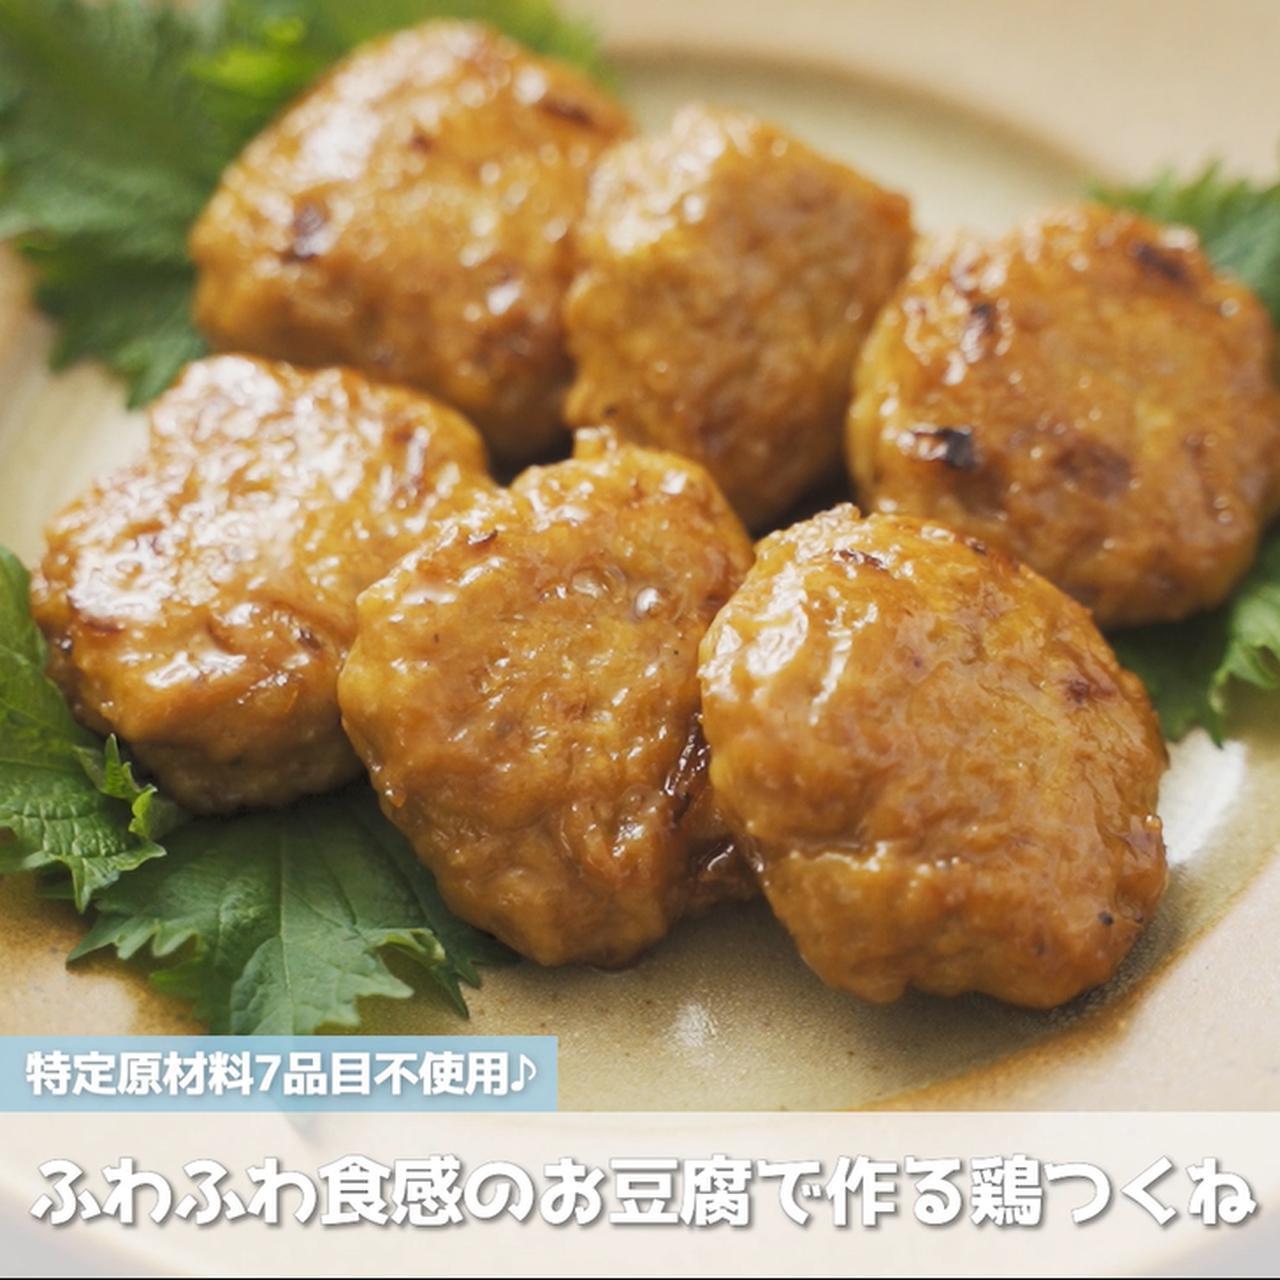 画像: ふわふわ食感のお豆腐で作る鶏つくね - 君とごはん